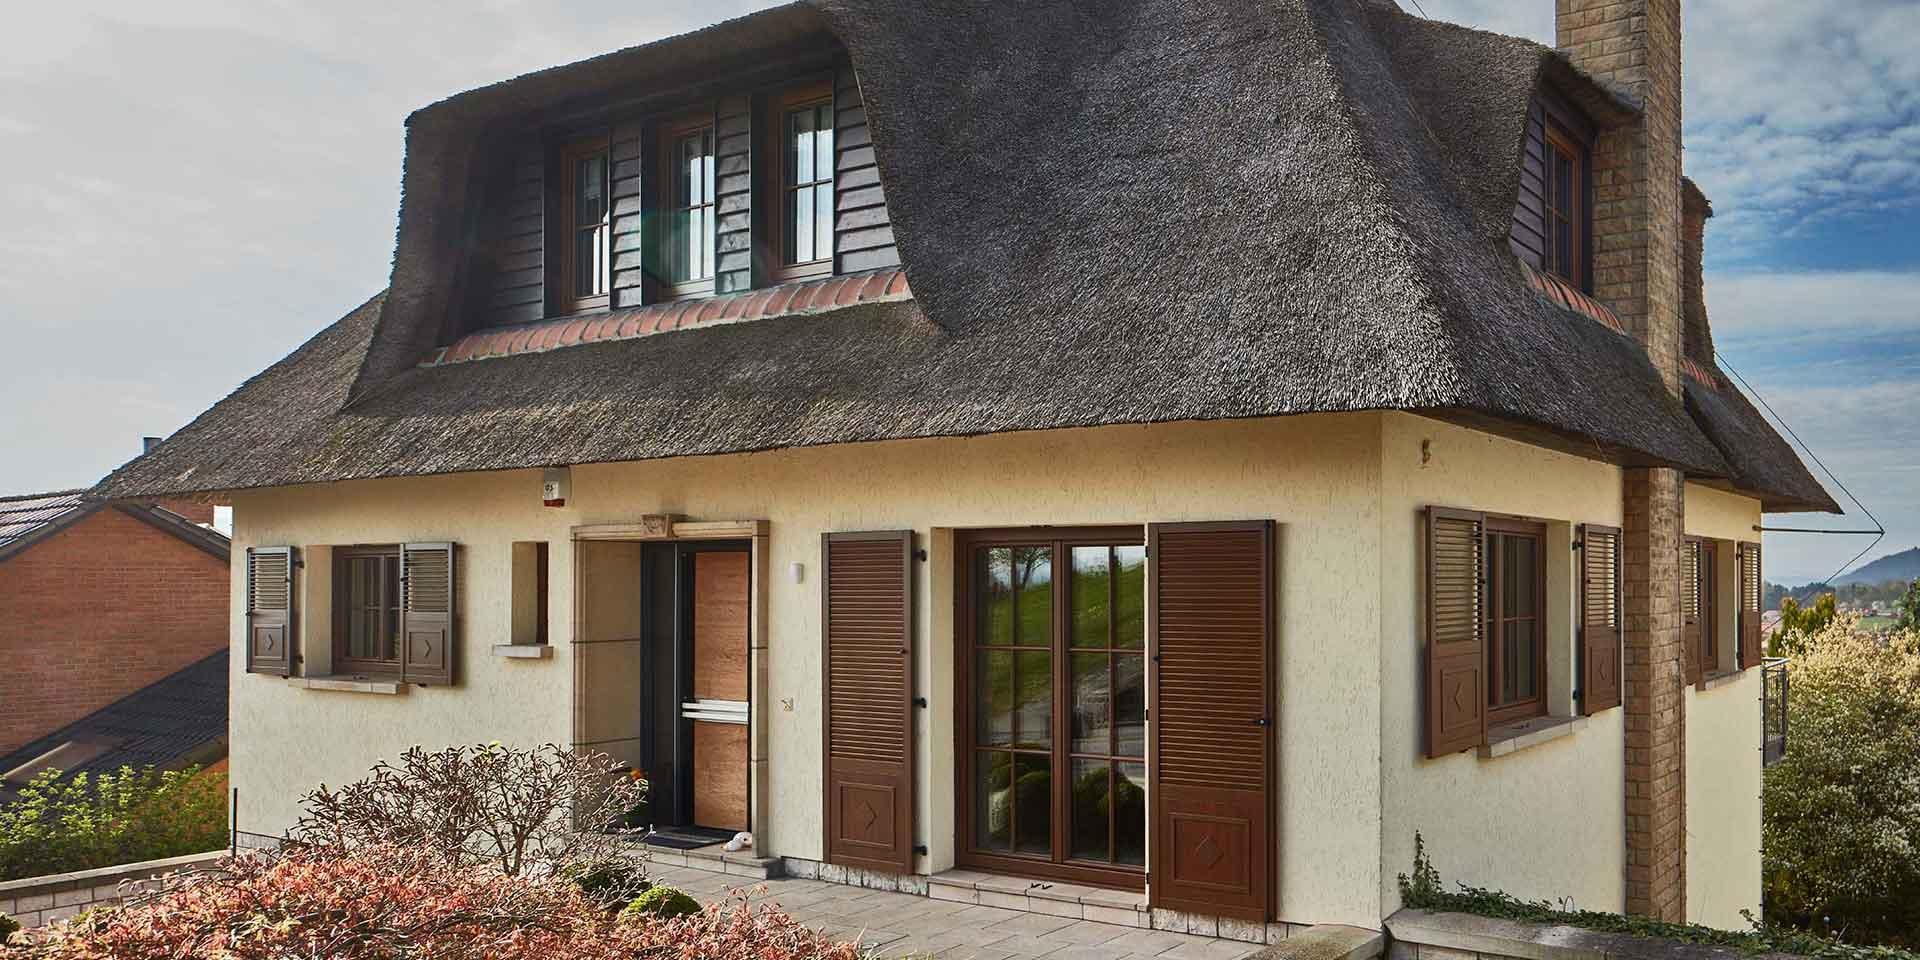 Weißes Einfamilienhaus von rechts gesehen mit moderner Coplaning Holz- Glas Haustür und Coplaning Holz- Alu Fenster.